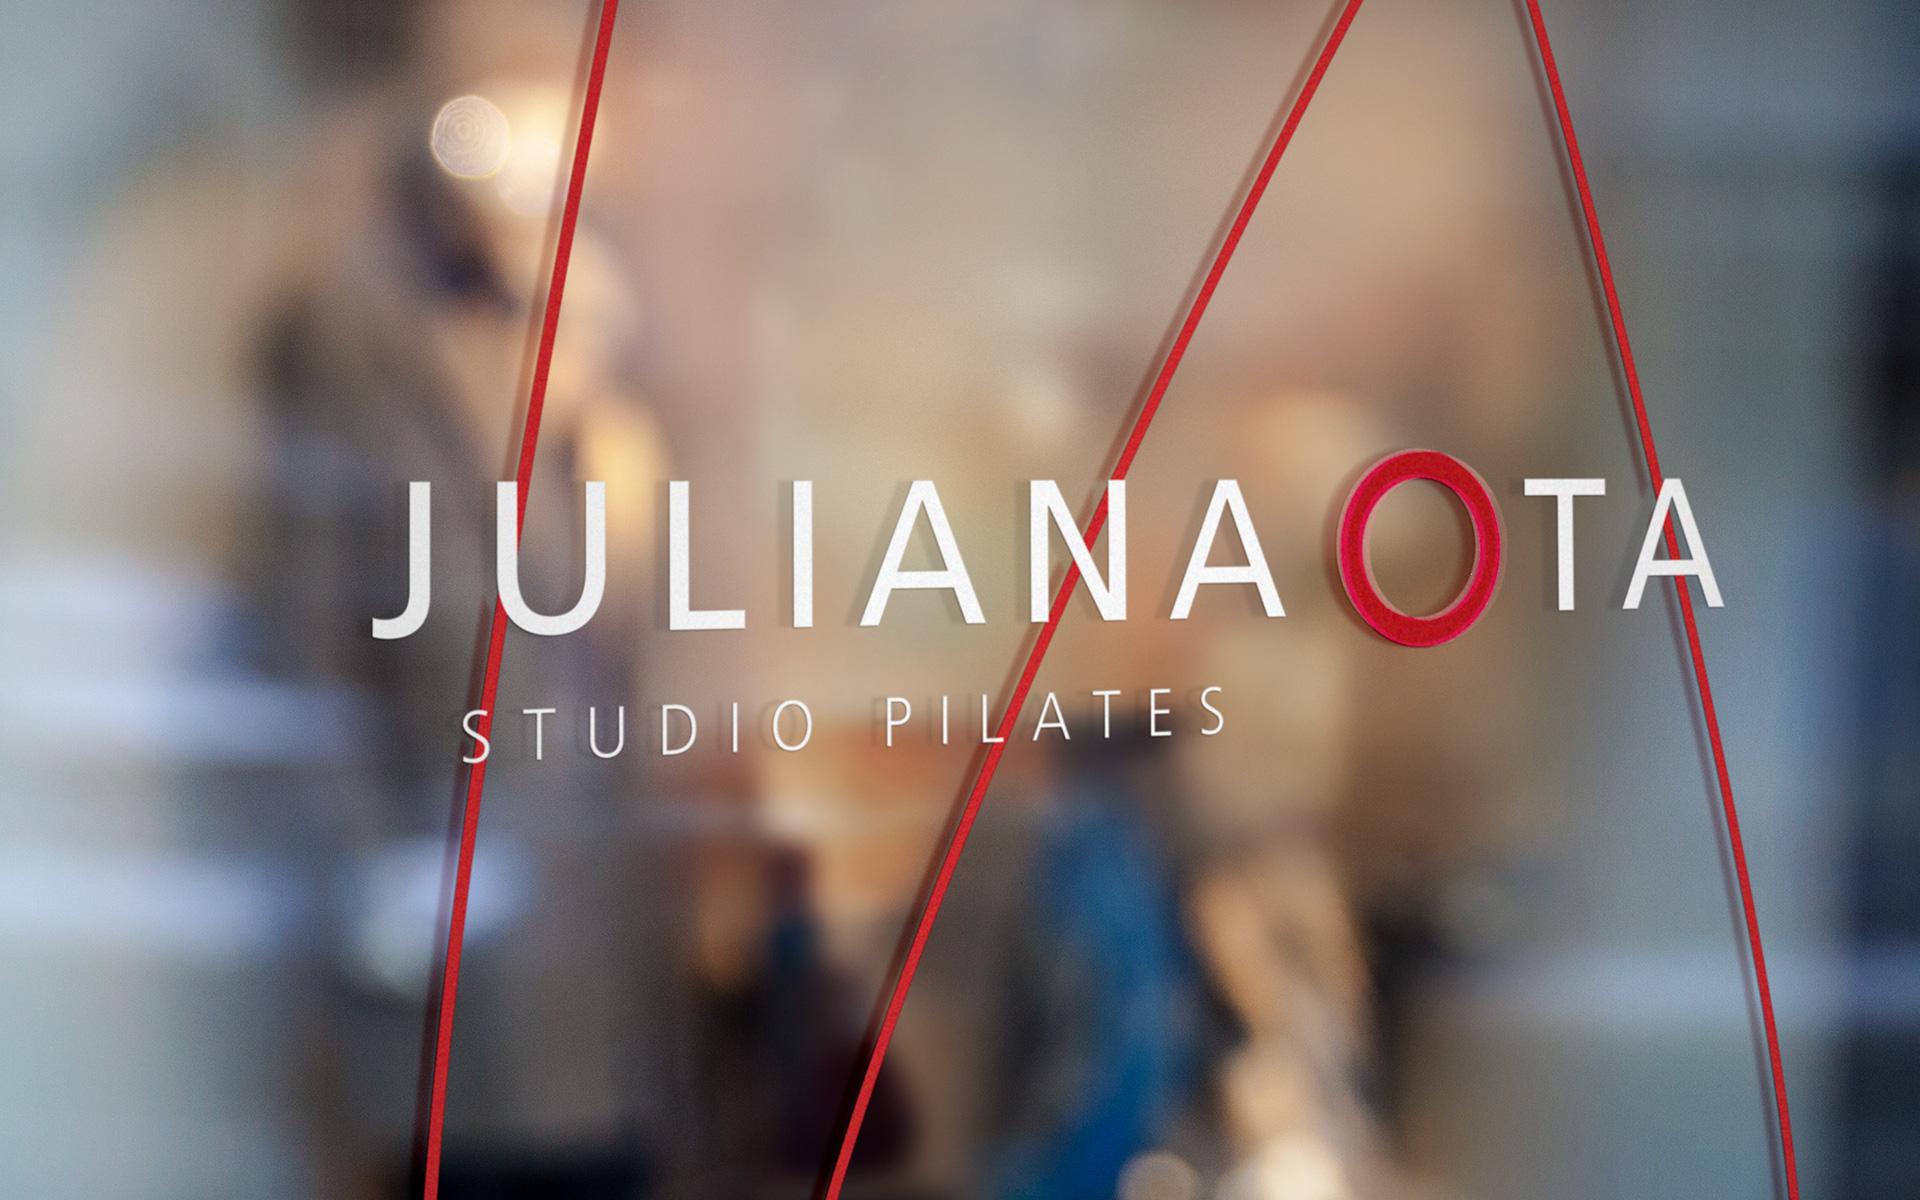 Case juliana ota Imagem 9